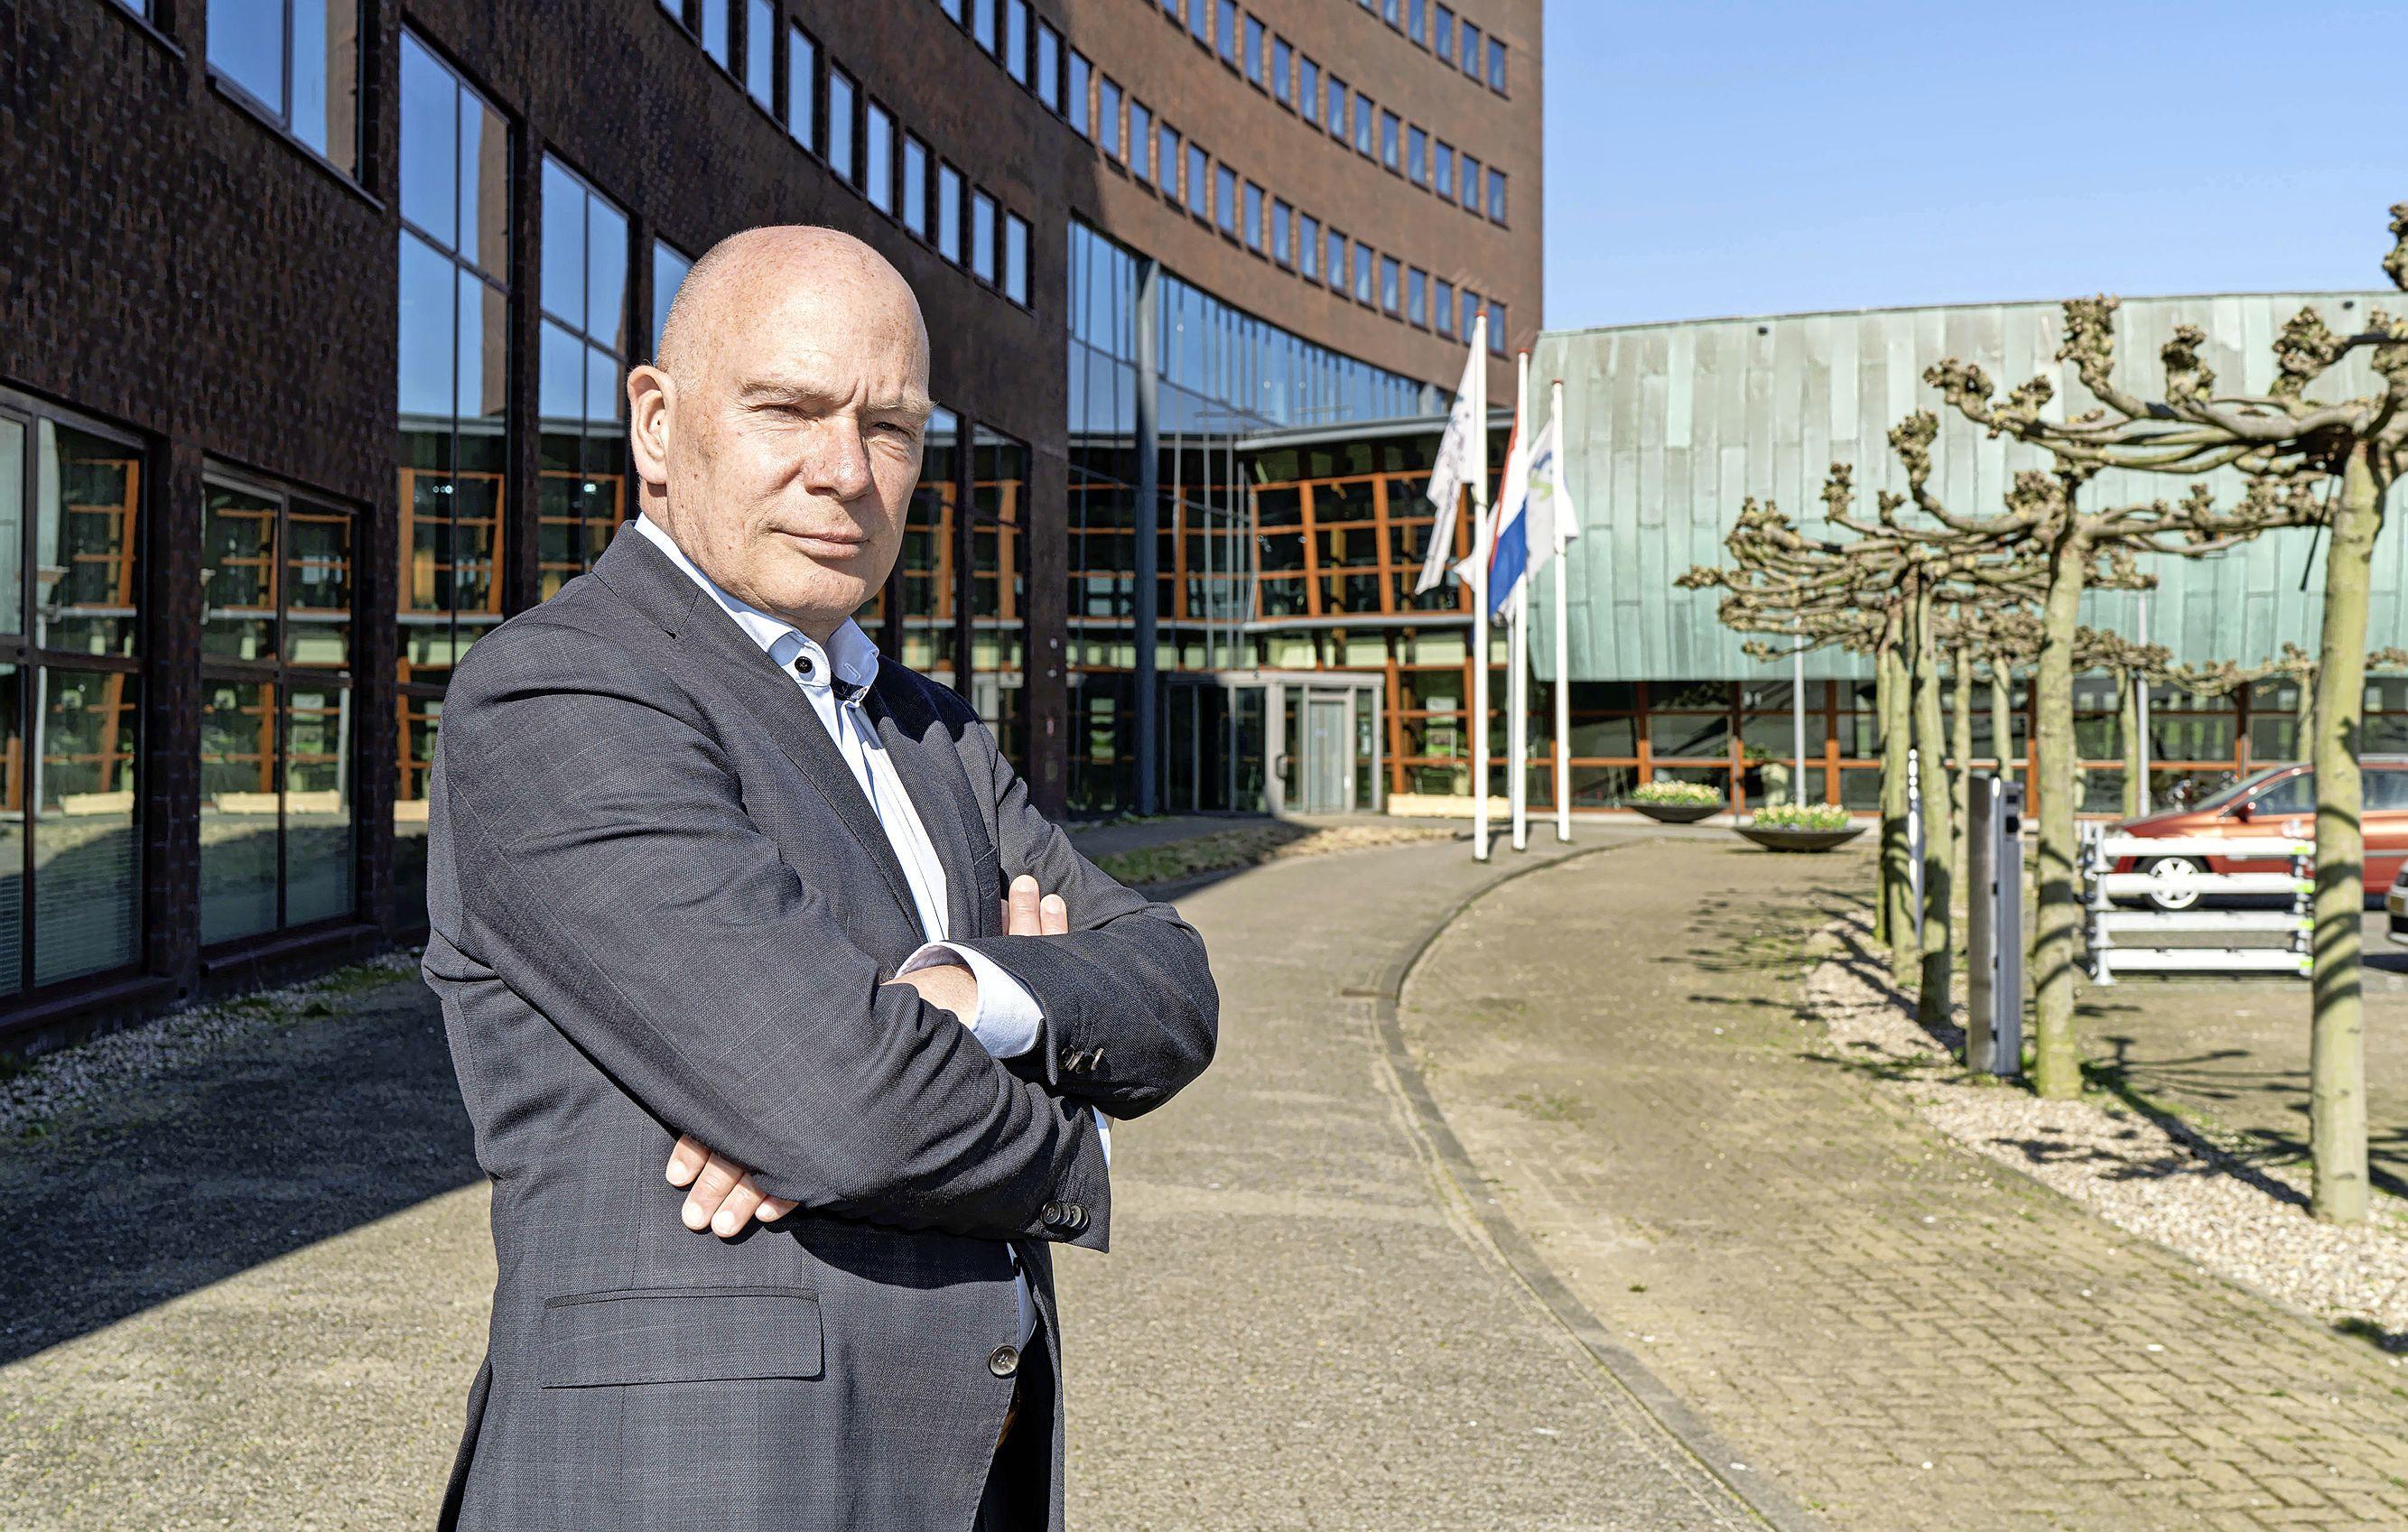 Nieuwe cursus moet mantelzorgers en dementerenden in Alphen en Leiden 'gelukkiger en gezonder' maken